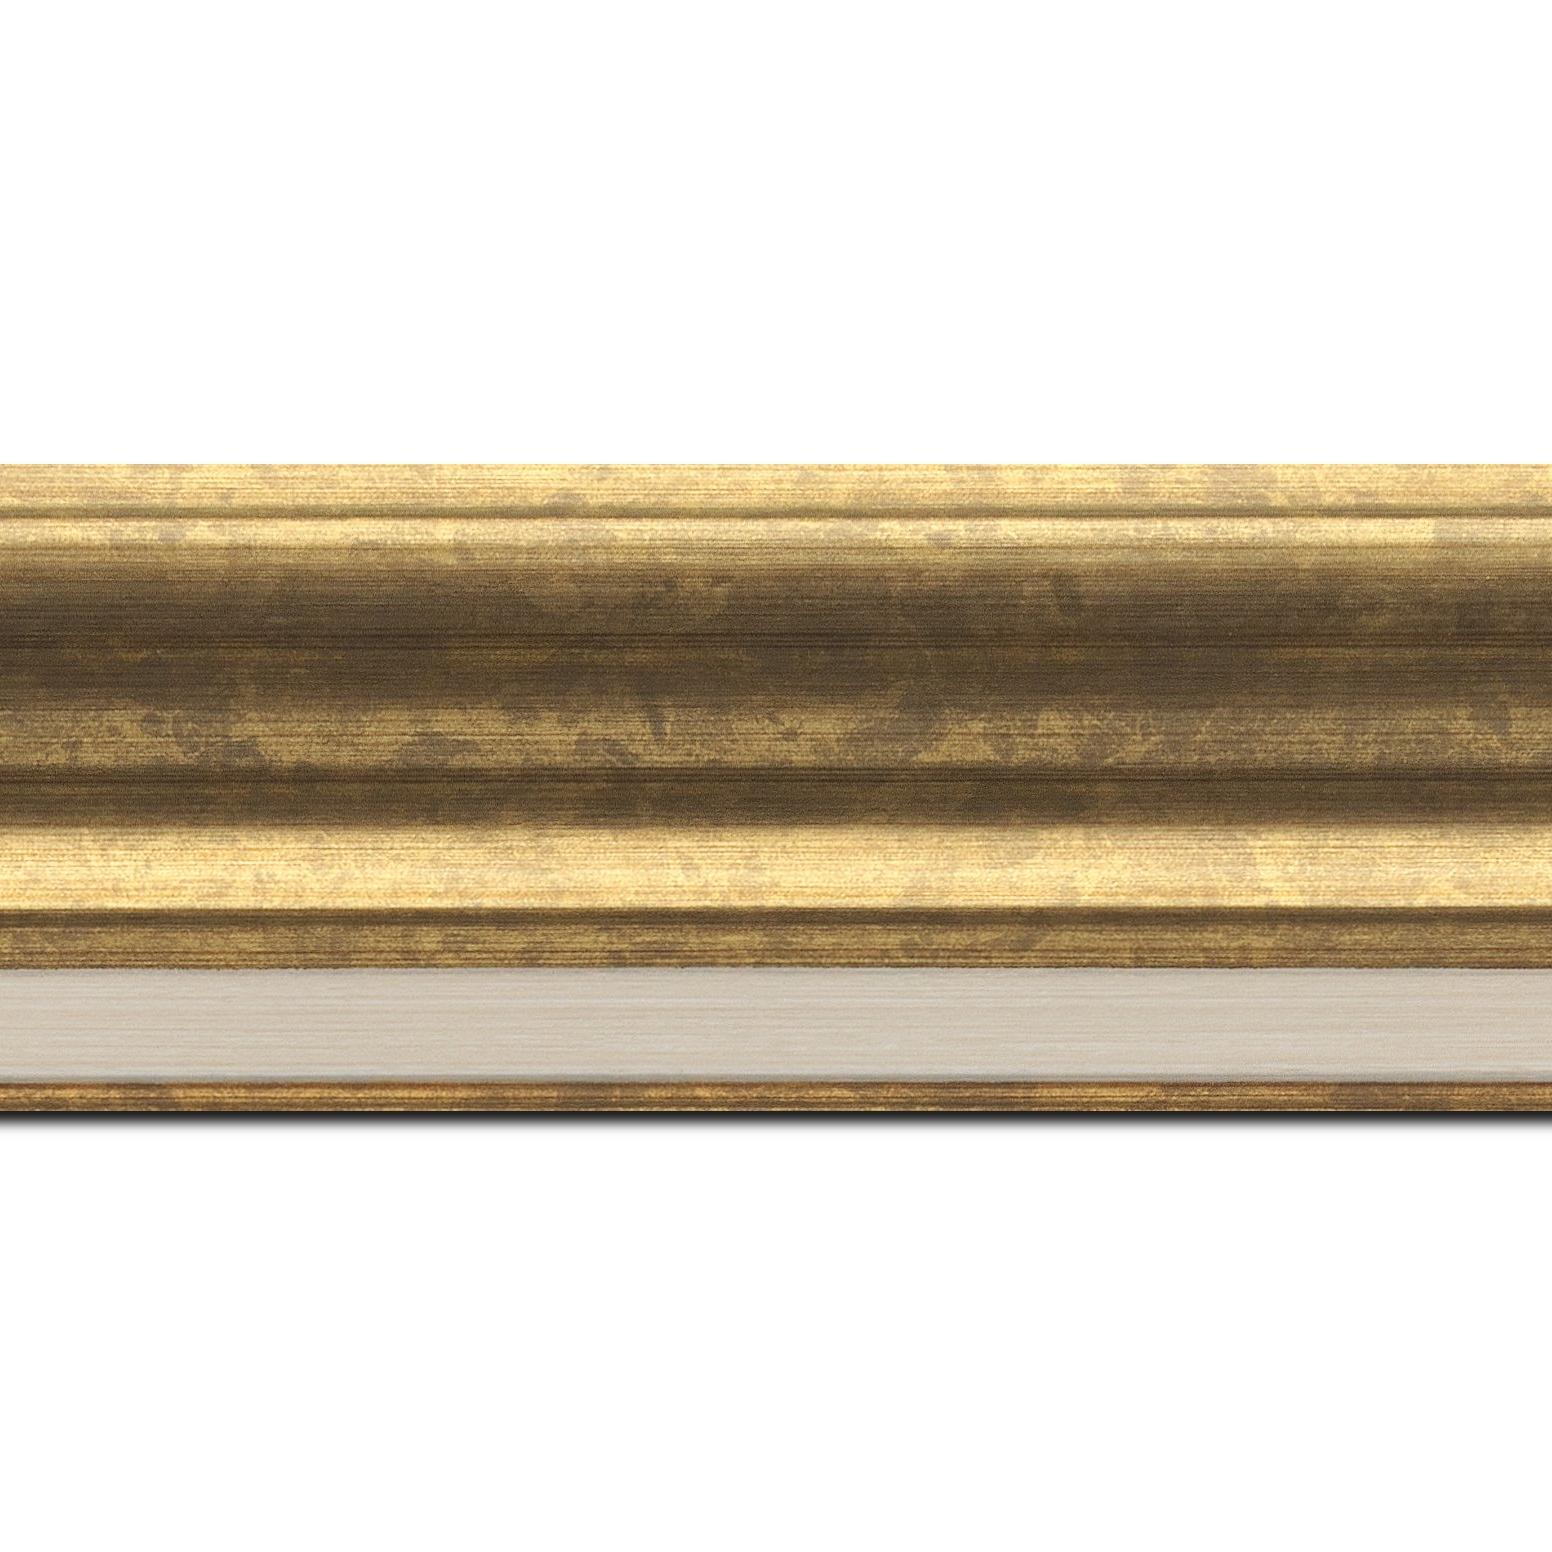 Baguette longueur 1.40m bois profil incurvé largeur 6.3cm couleur or marie louise intégrée